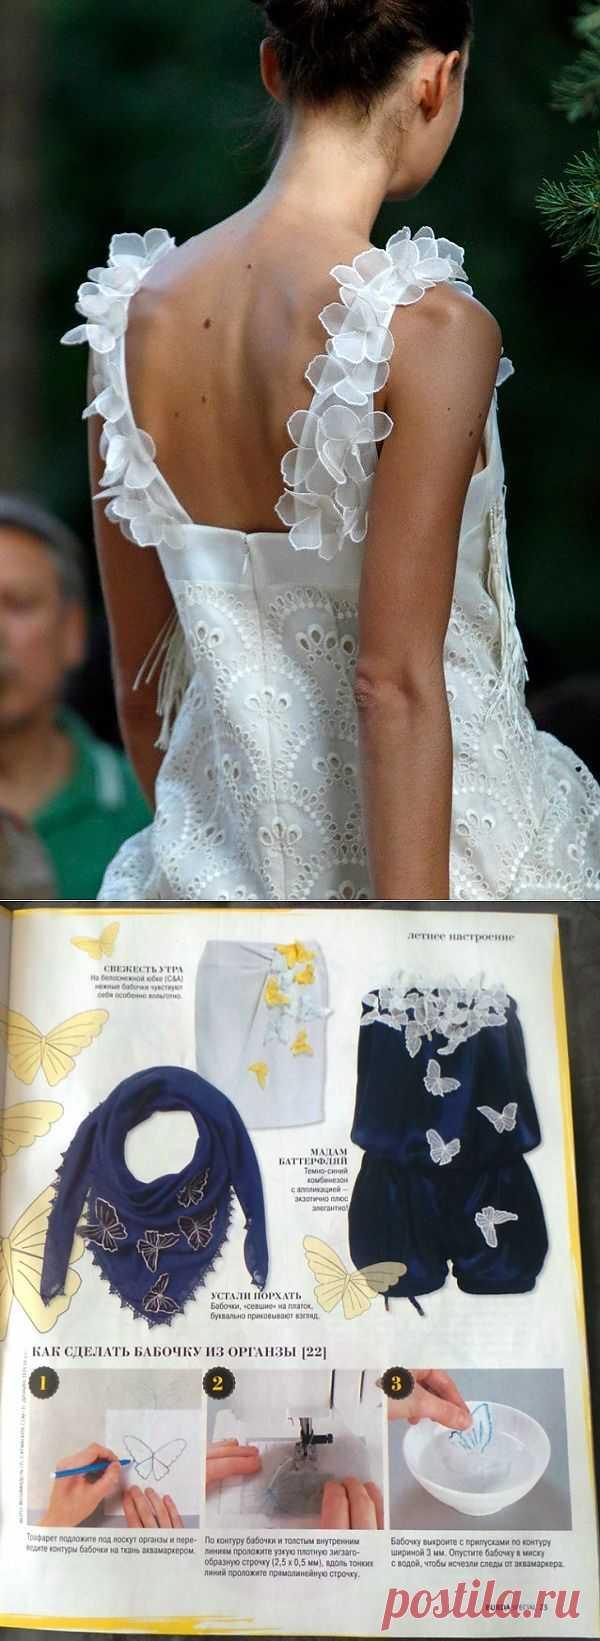 Повтор фактуры Josep Font для Delpozo 2013 (Diy) / Декор / Модный сайт о стильной переделке одежды и интерьера